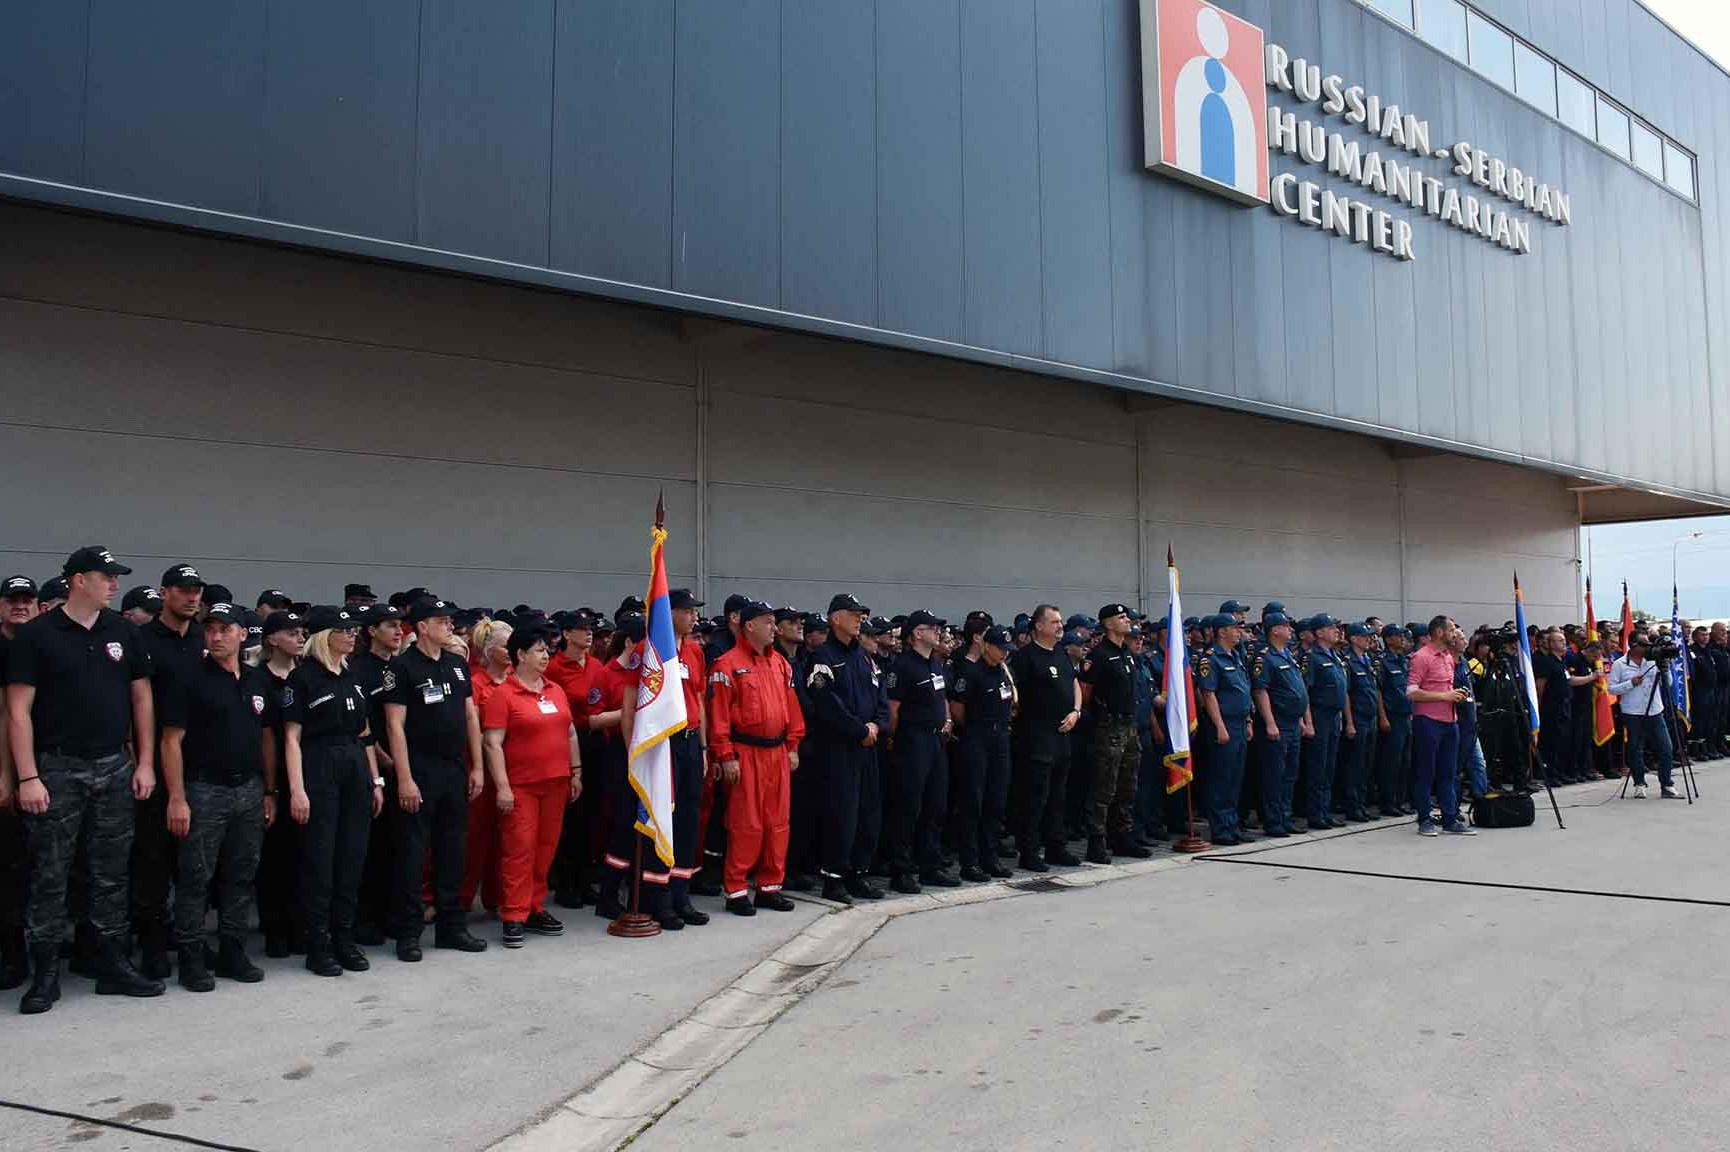 """Ceremonija otvaranja Međunarodne vežbe """"Srbija 2019"""" u Srpsko-ruskom humanitranom centru u Nišu, 25. jun 2019. (Foto: mup.gov.rs)"""